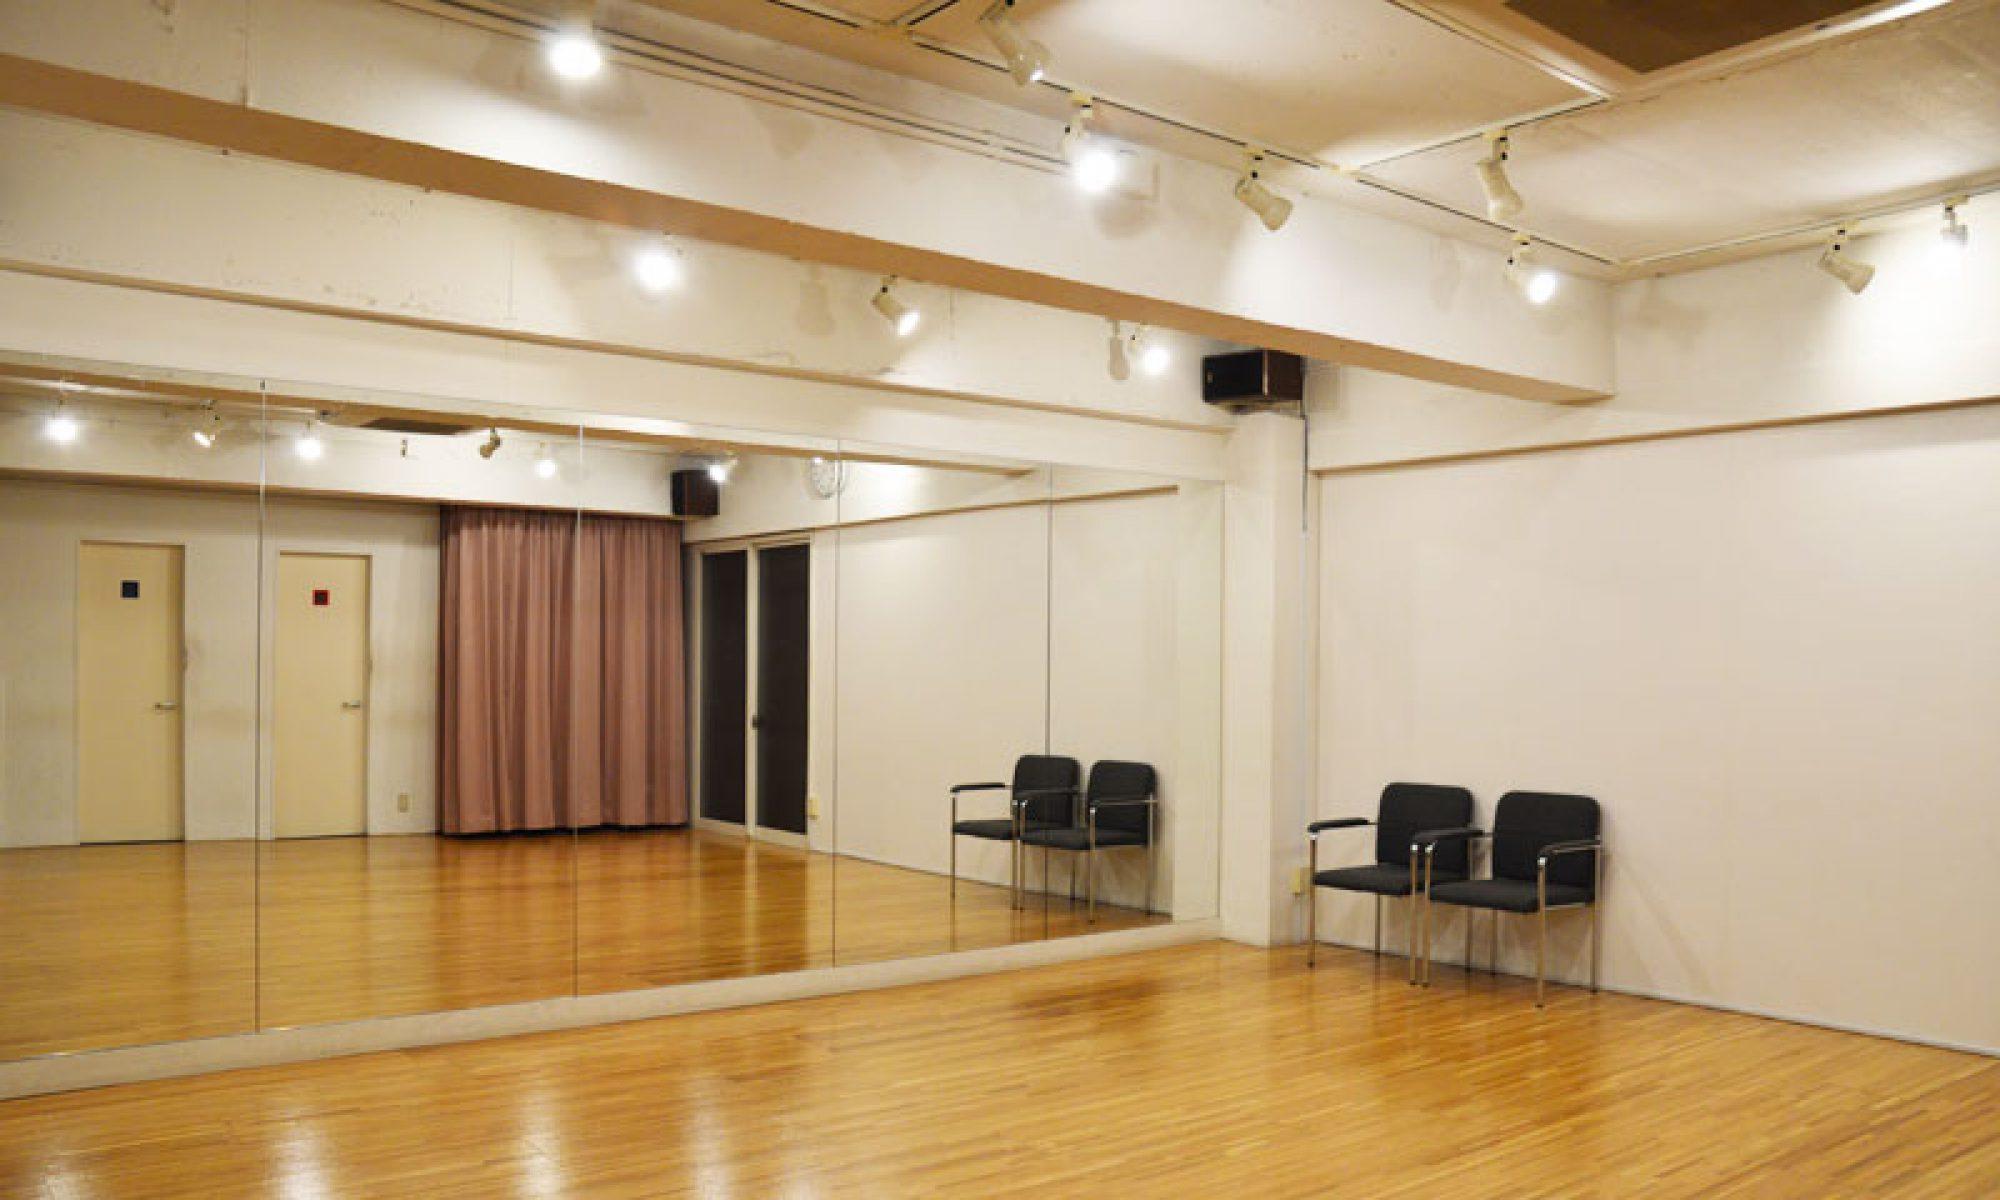 BUENO 東京都国立市のダンススタジオ